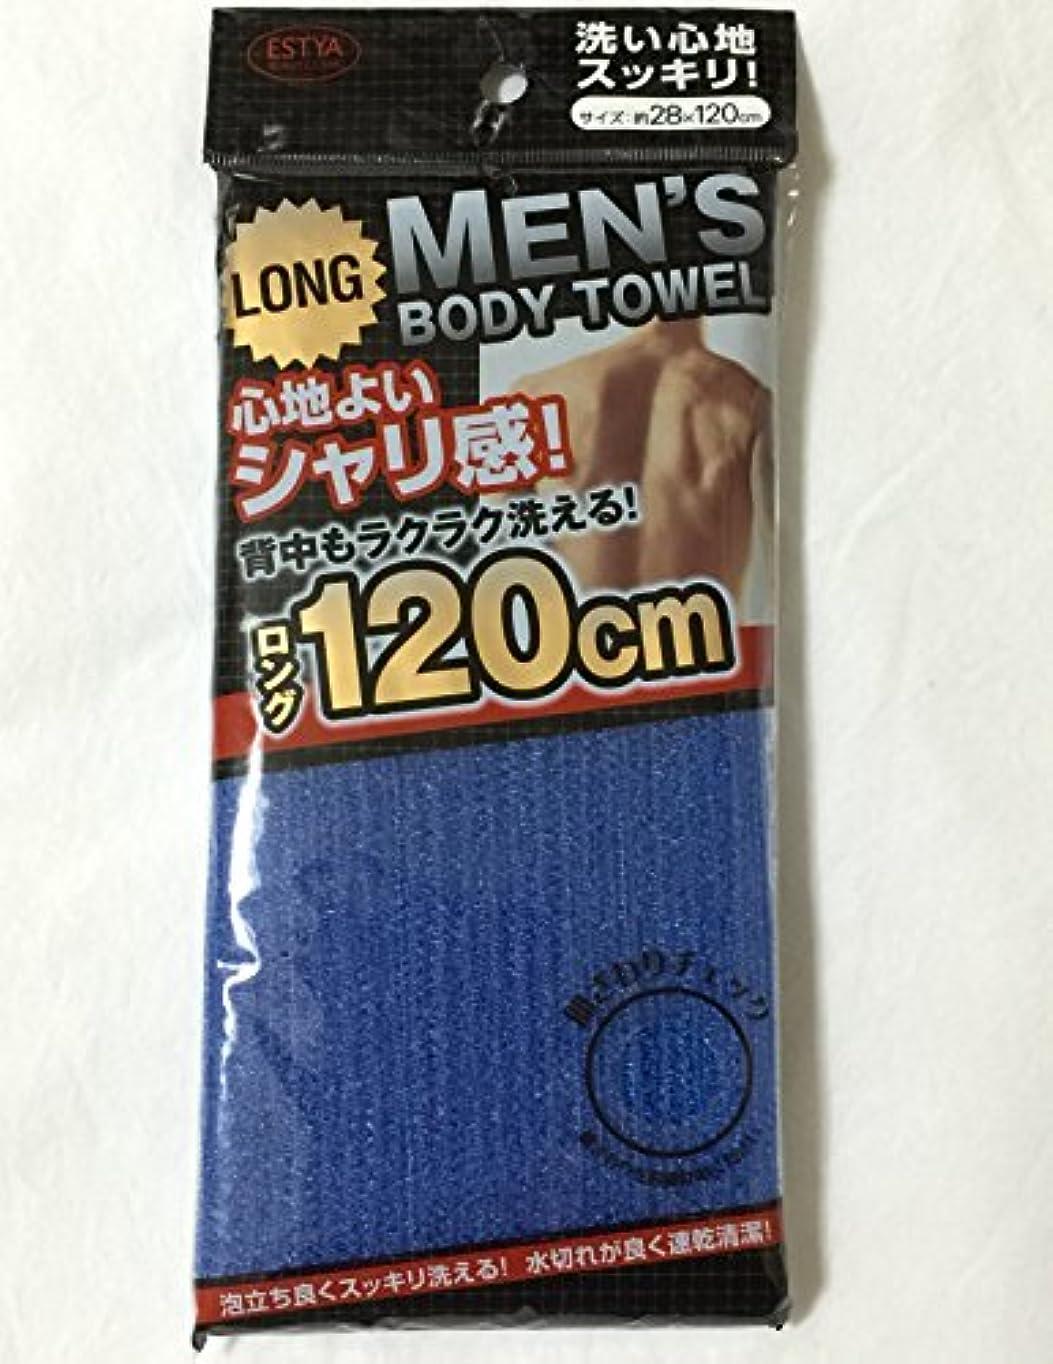 靴下同級生知っているに立ち寄るメンズ ボディー  タオル 120cm ( かため ) スッキリ 爽快 ! 男性用 ロング ナイロン タオル